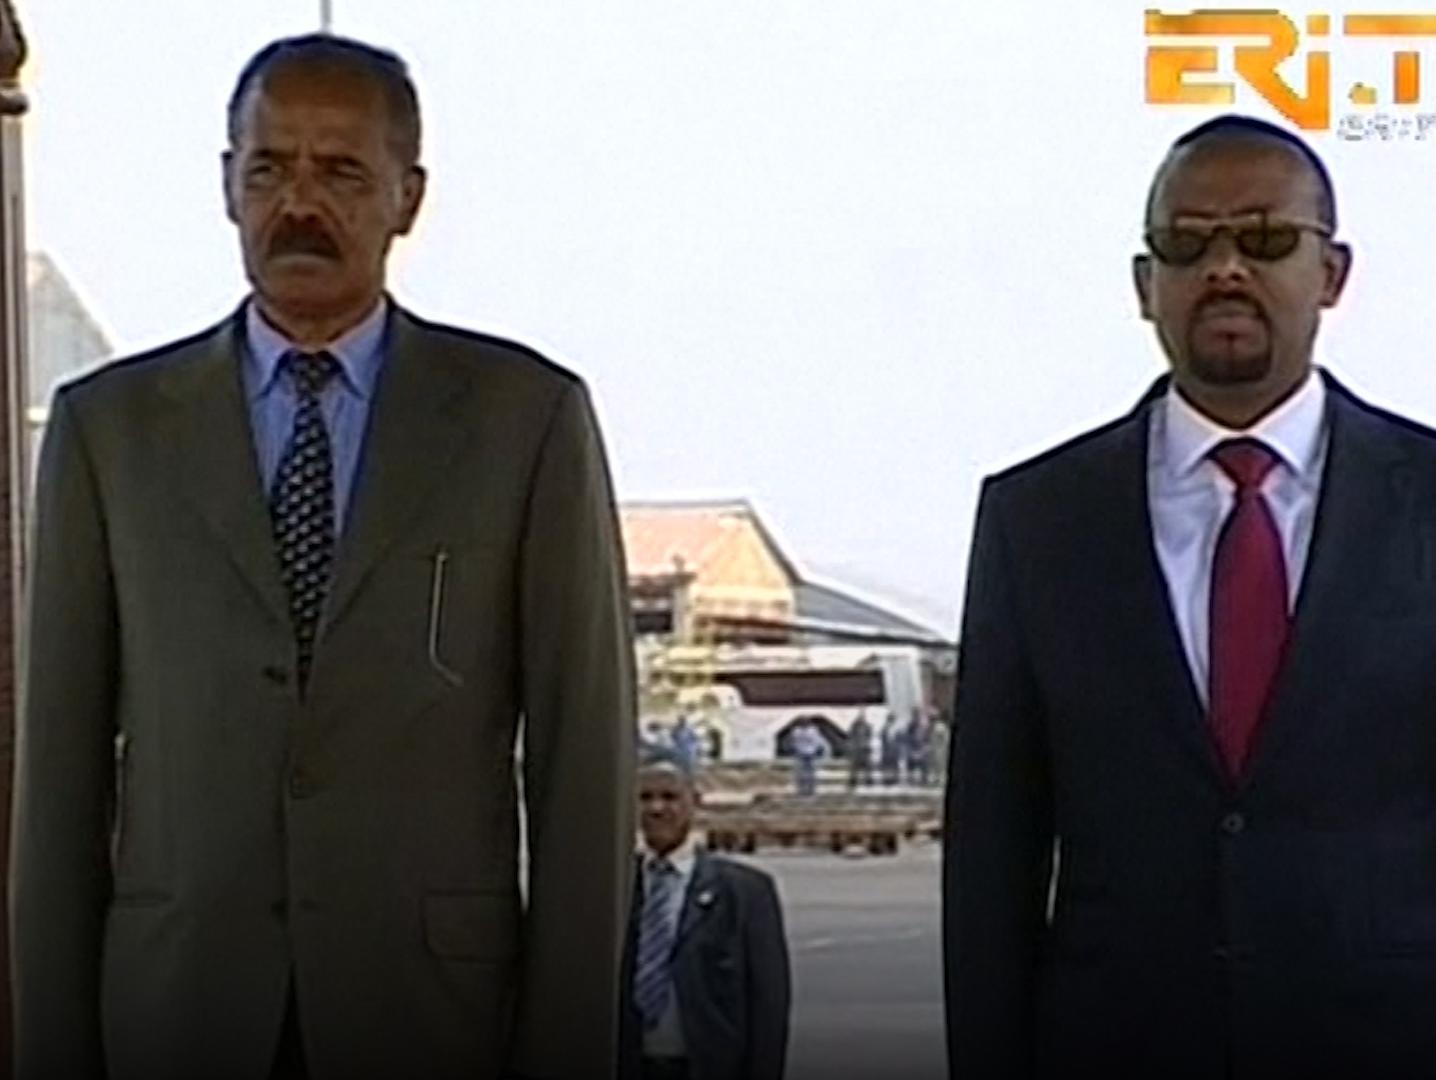 מסימני הפיוס: אריתריאה פתחה מחדש את שגרירותה בבירת אתיופיה